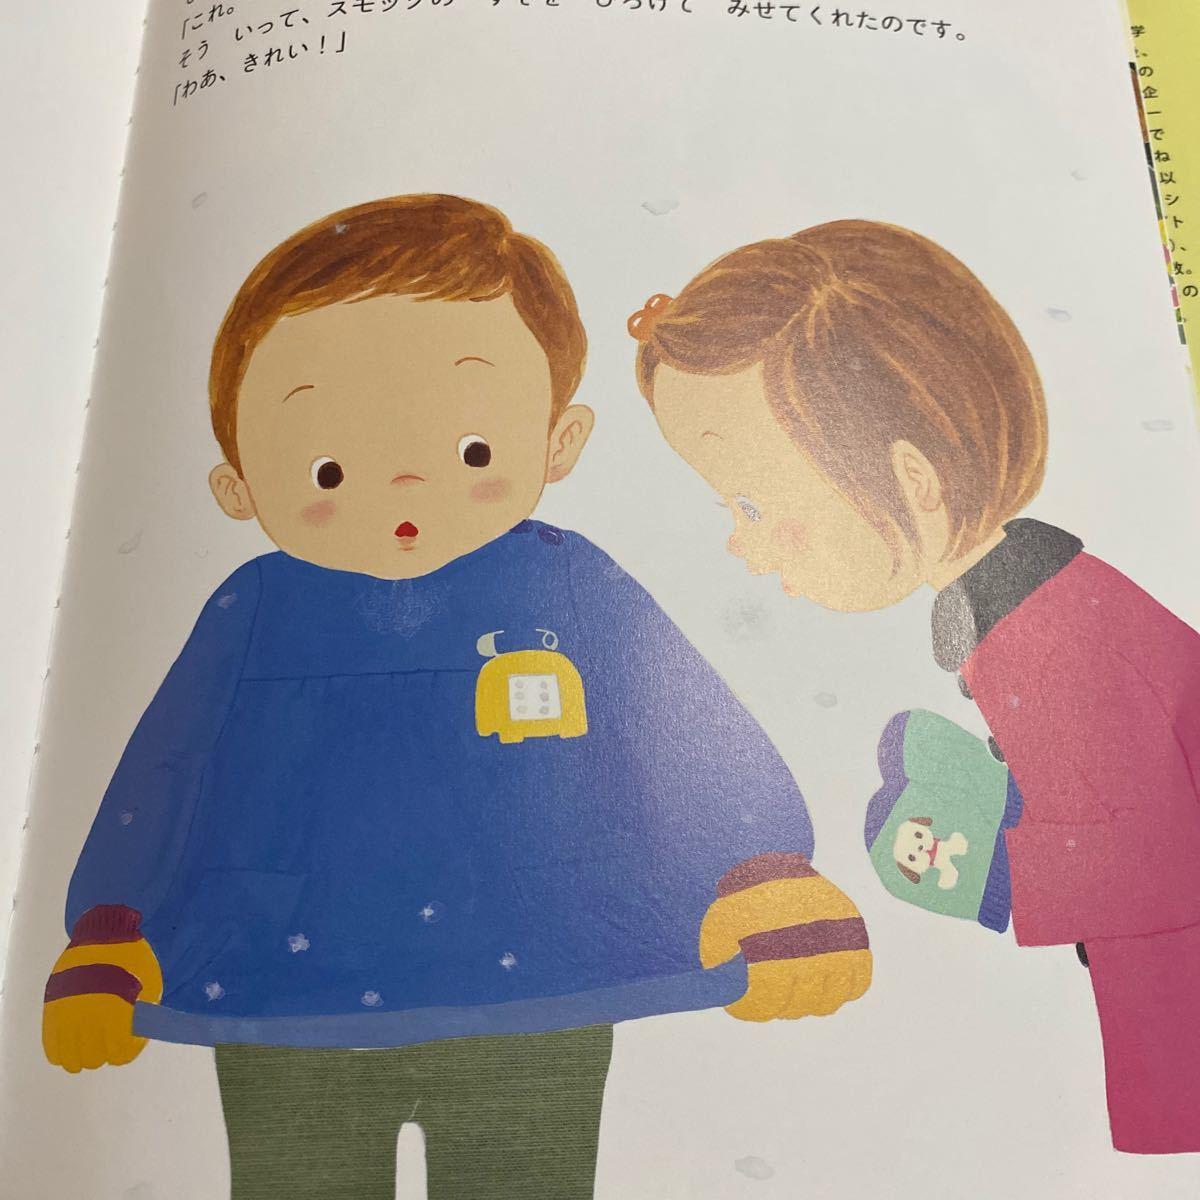 さよならようちえん   /講談社/佐古百美 (単行本) 中古